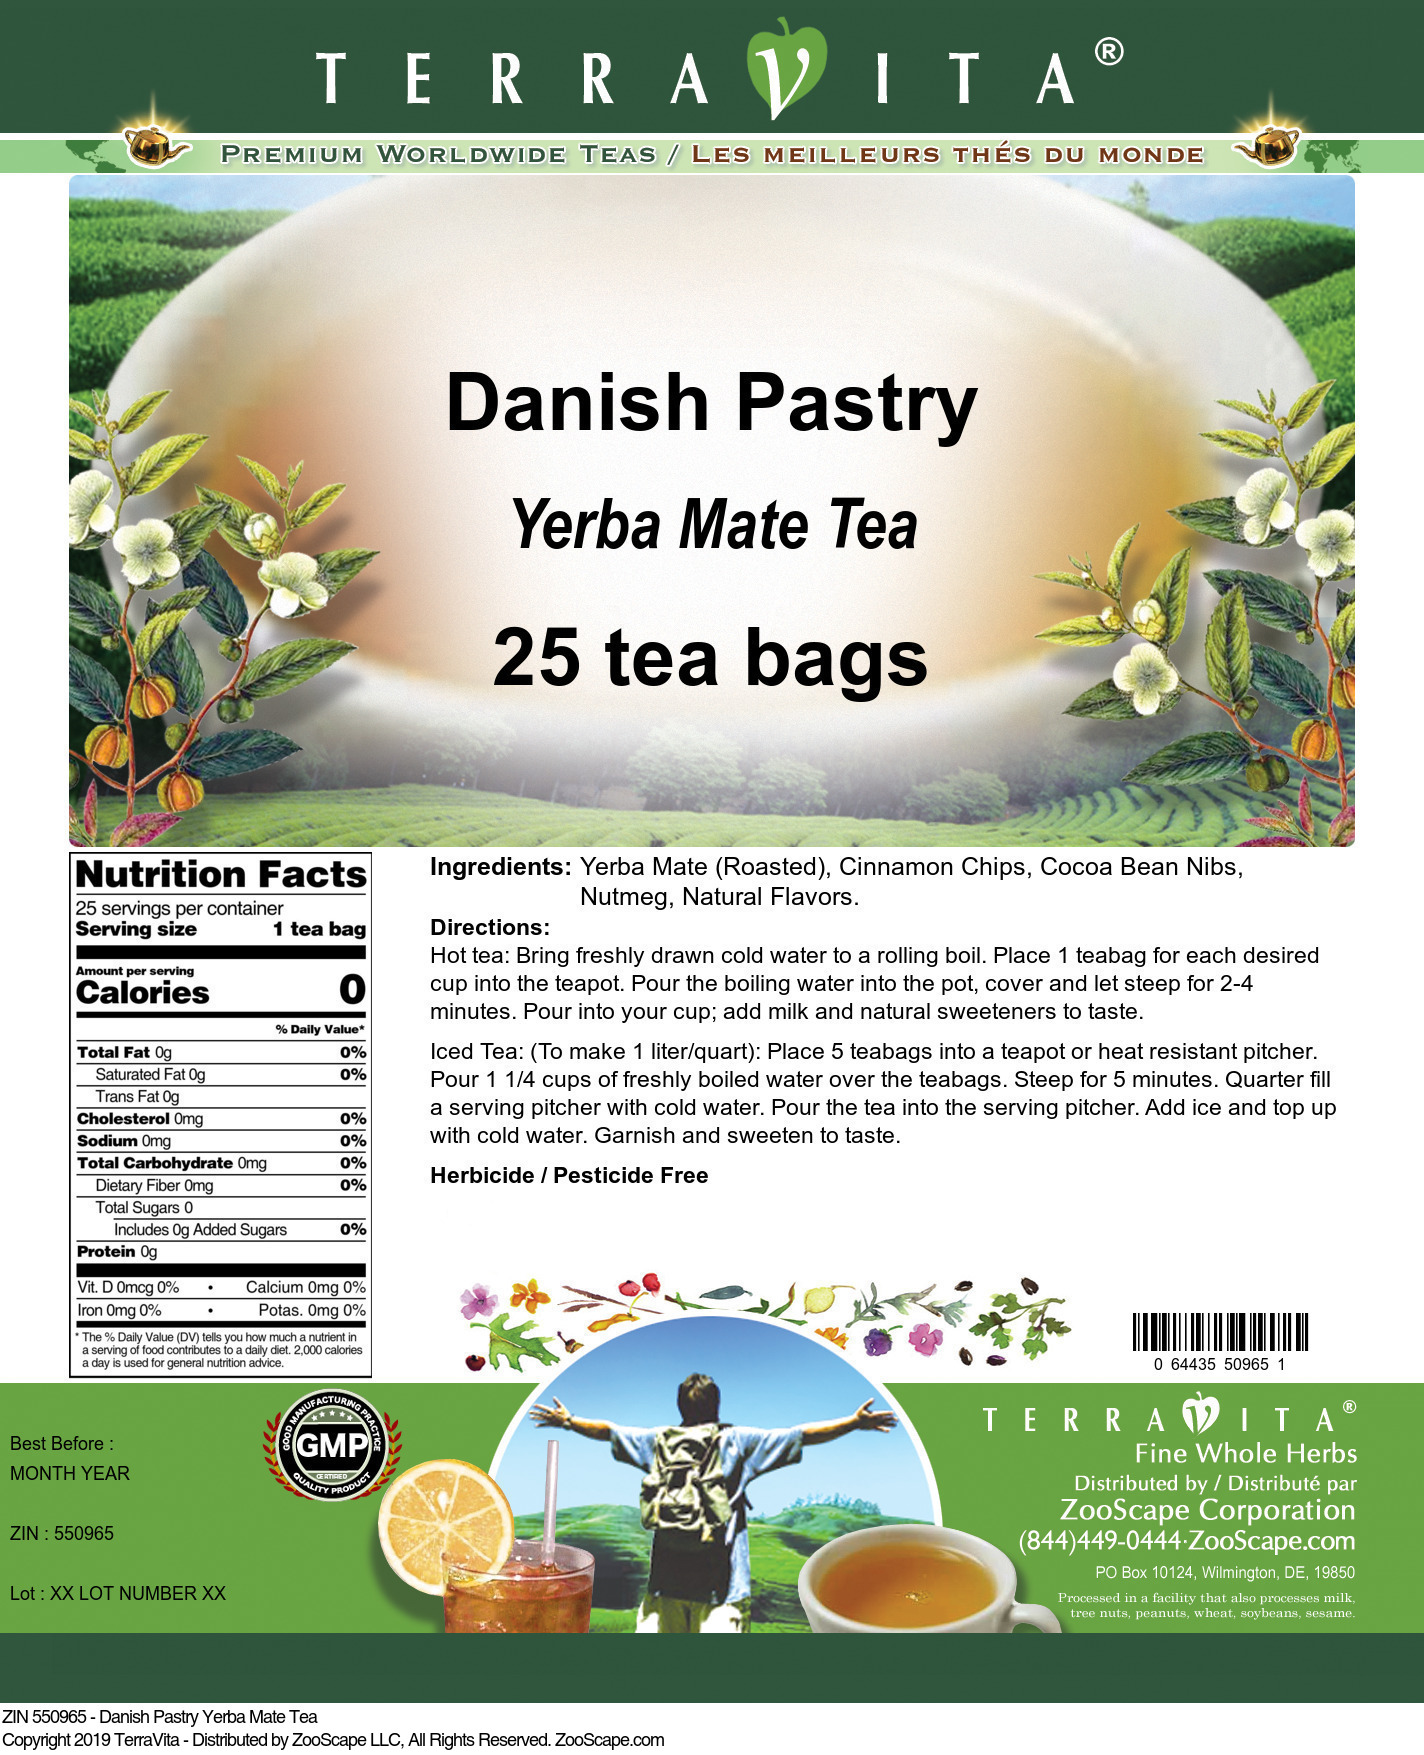 Danish Pastry Yerba Mate Tea